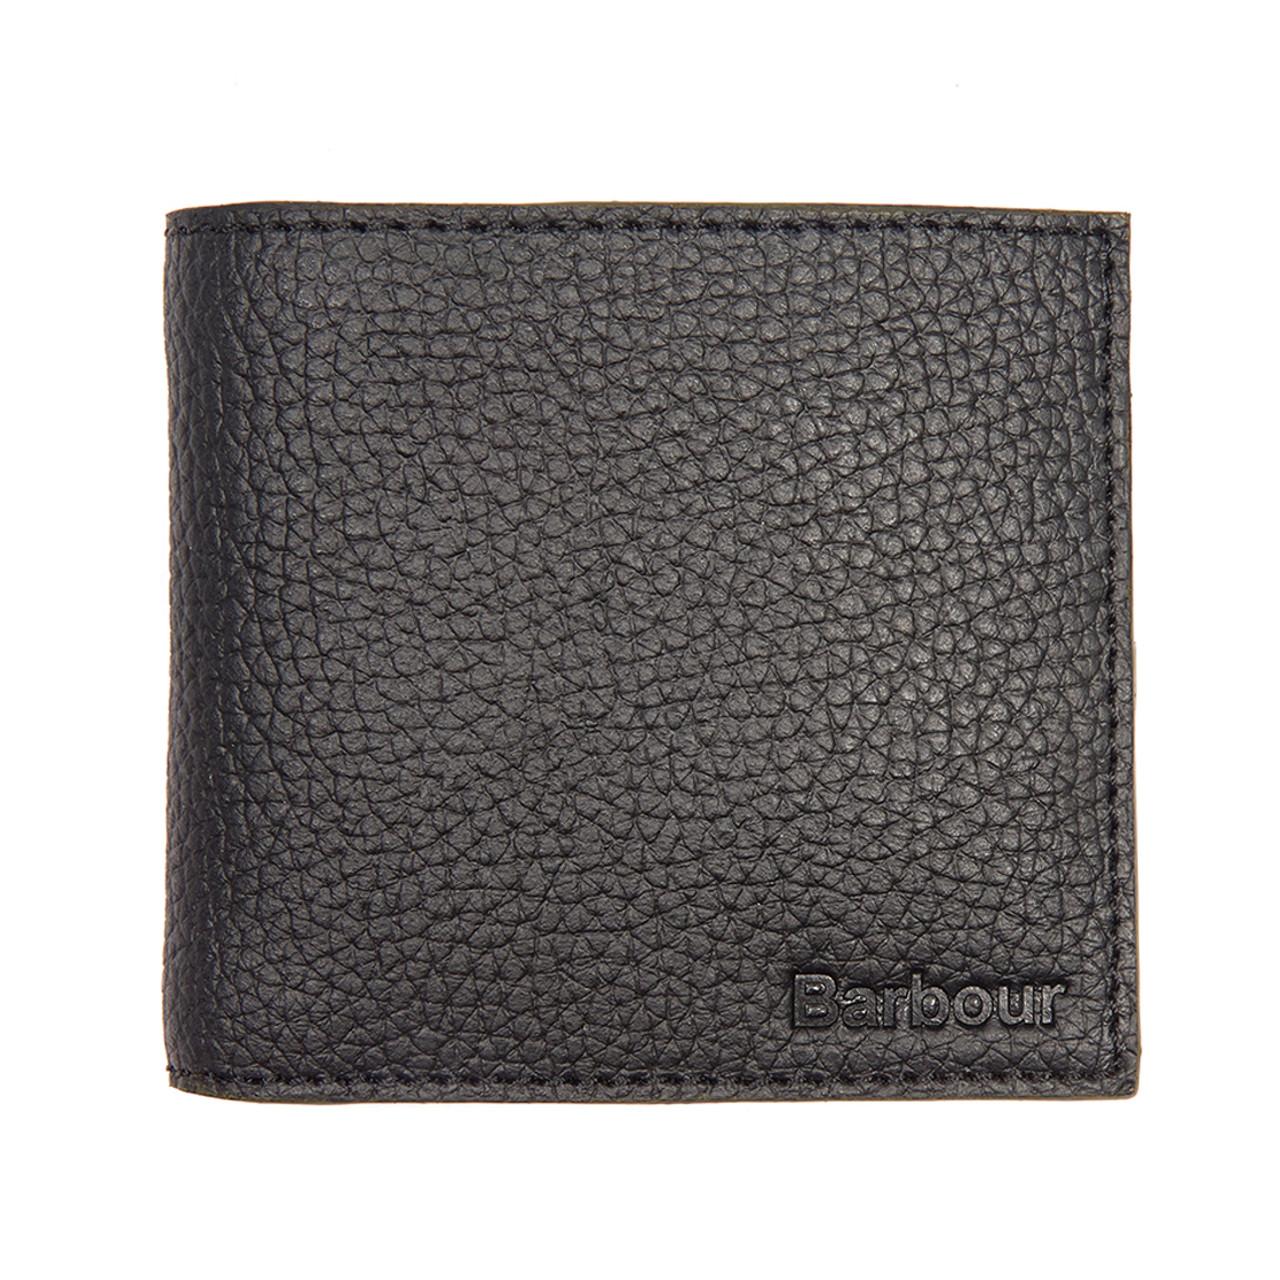 Barbour Grain Leather Wallet - Black 0674a665e53b2